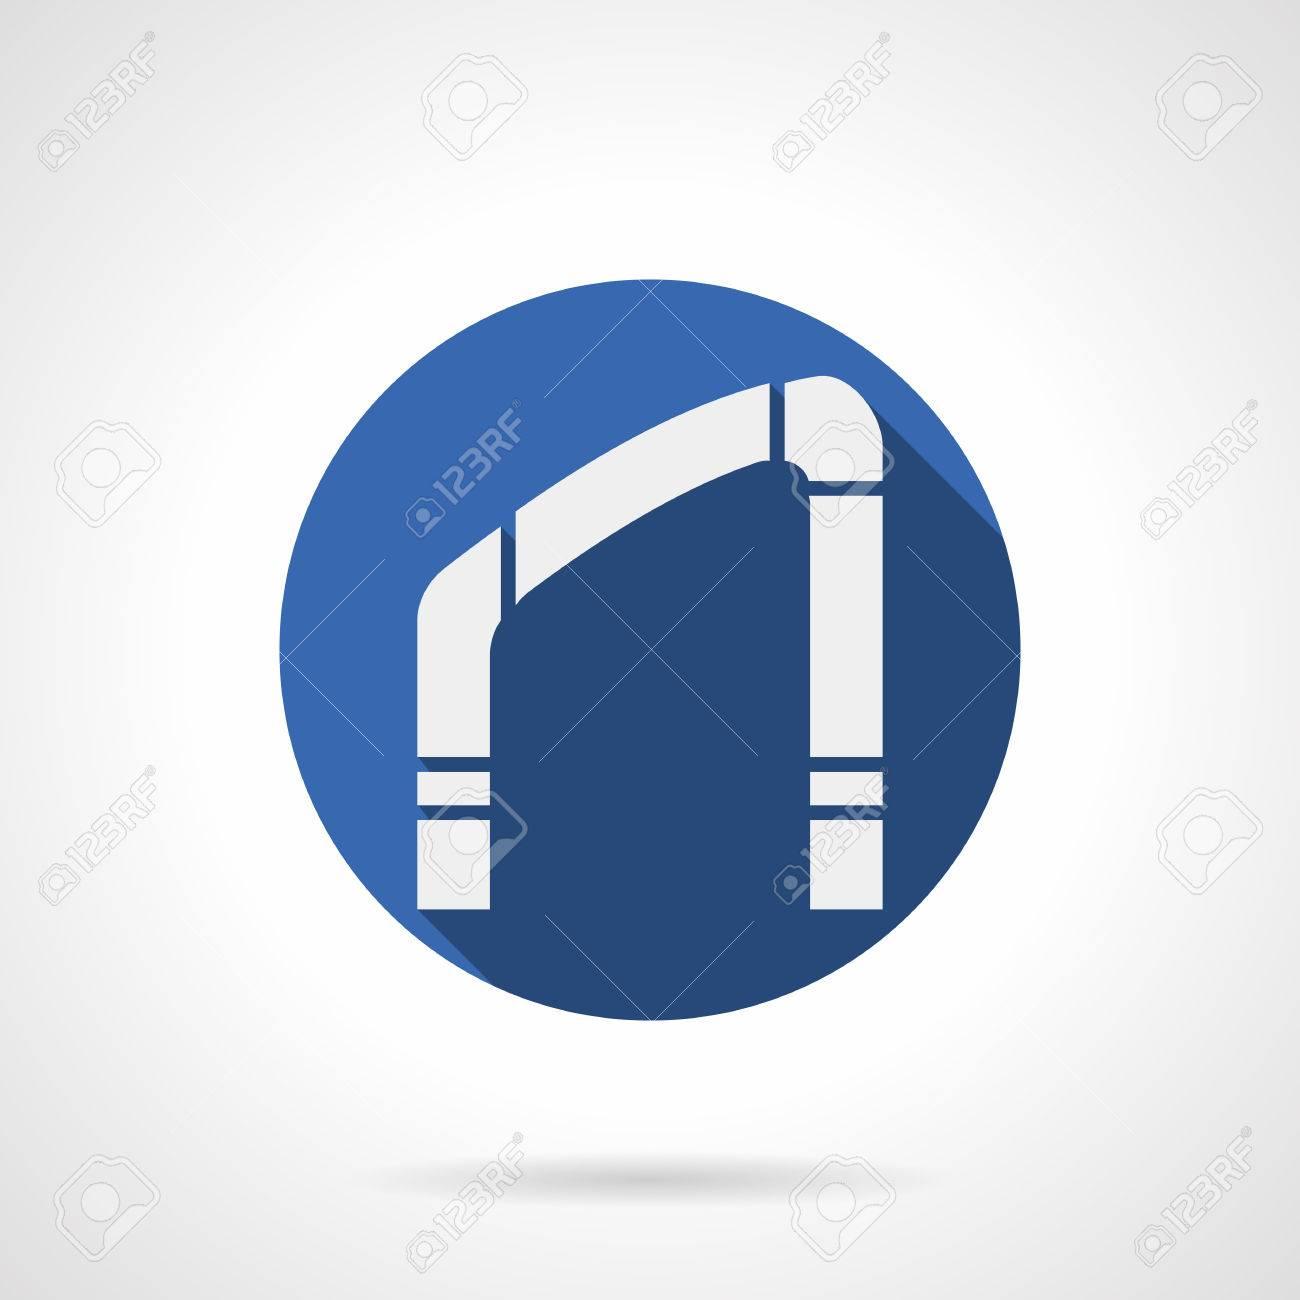 Standard Bild   Weißes Schattenbild Schild Des Schrägen Bogens  Architektonisches Element Für Innendekoration Muster Des Modernen Und  Klassischen Rahmens.